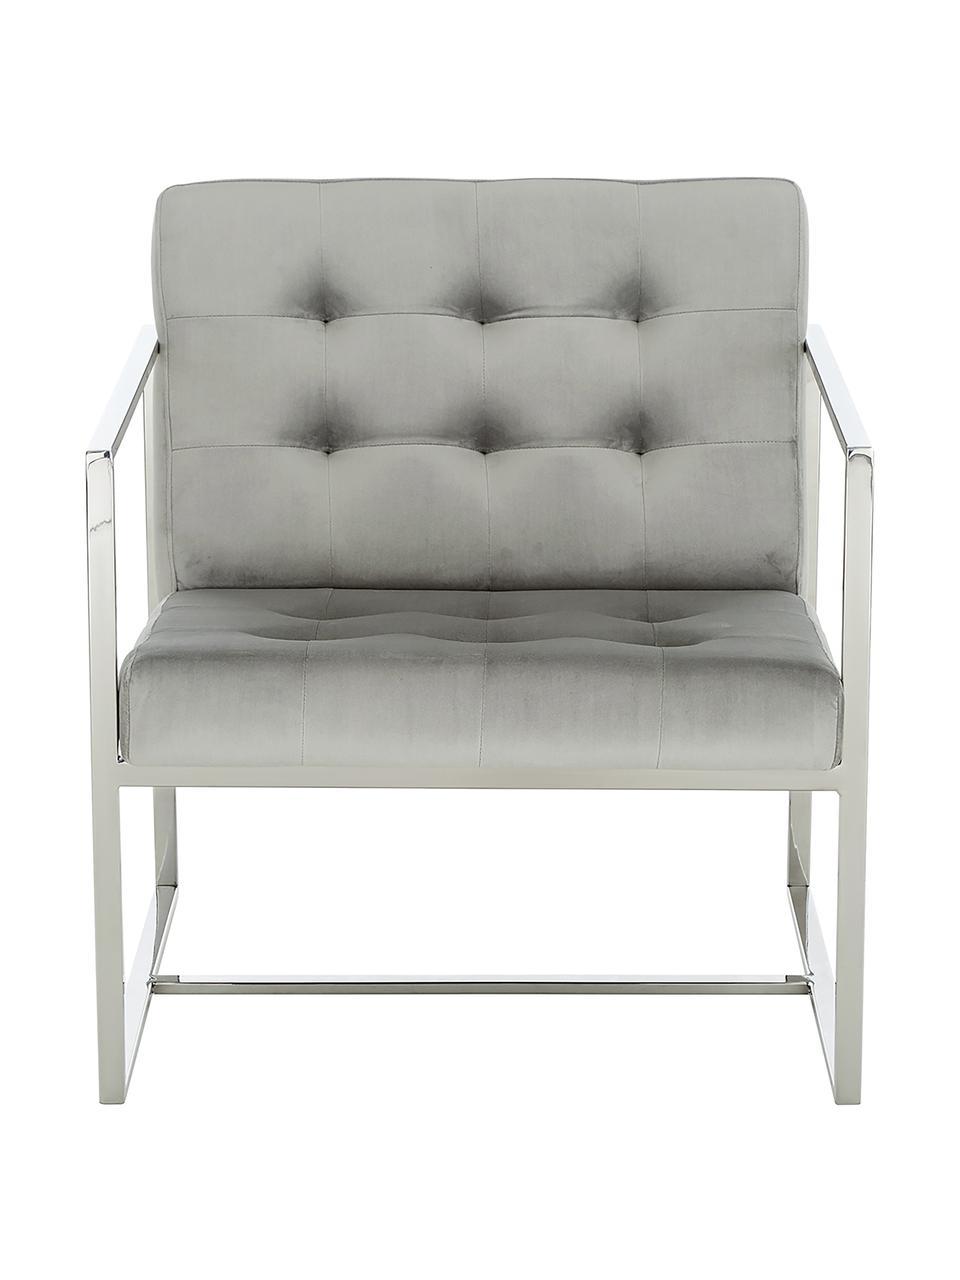 Fotel wypoczynkowy z aksamitu Manhattan, Tapicerka: aksamit (poliester) Dzięk, Aksamitny szary, S 70 x G 72 cm